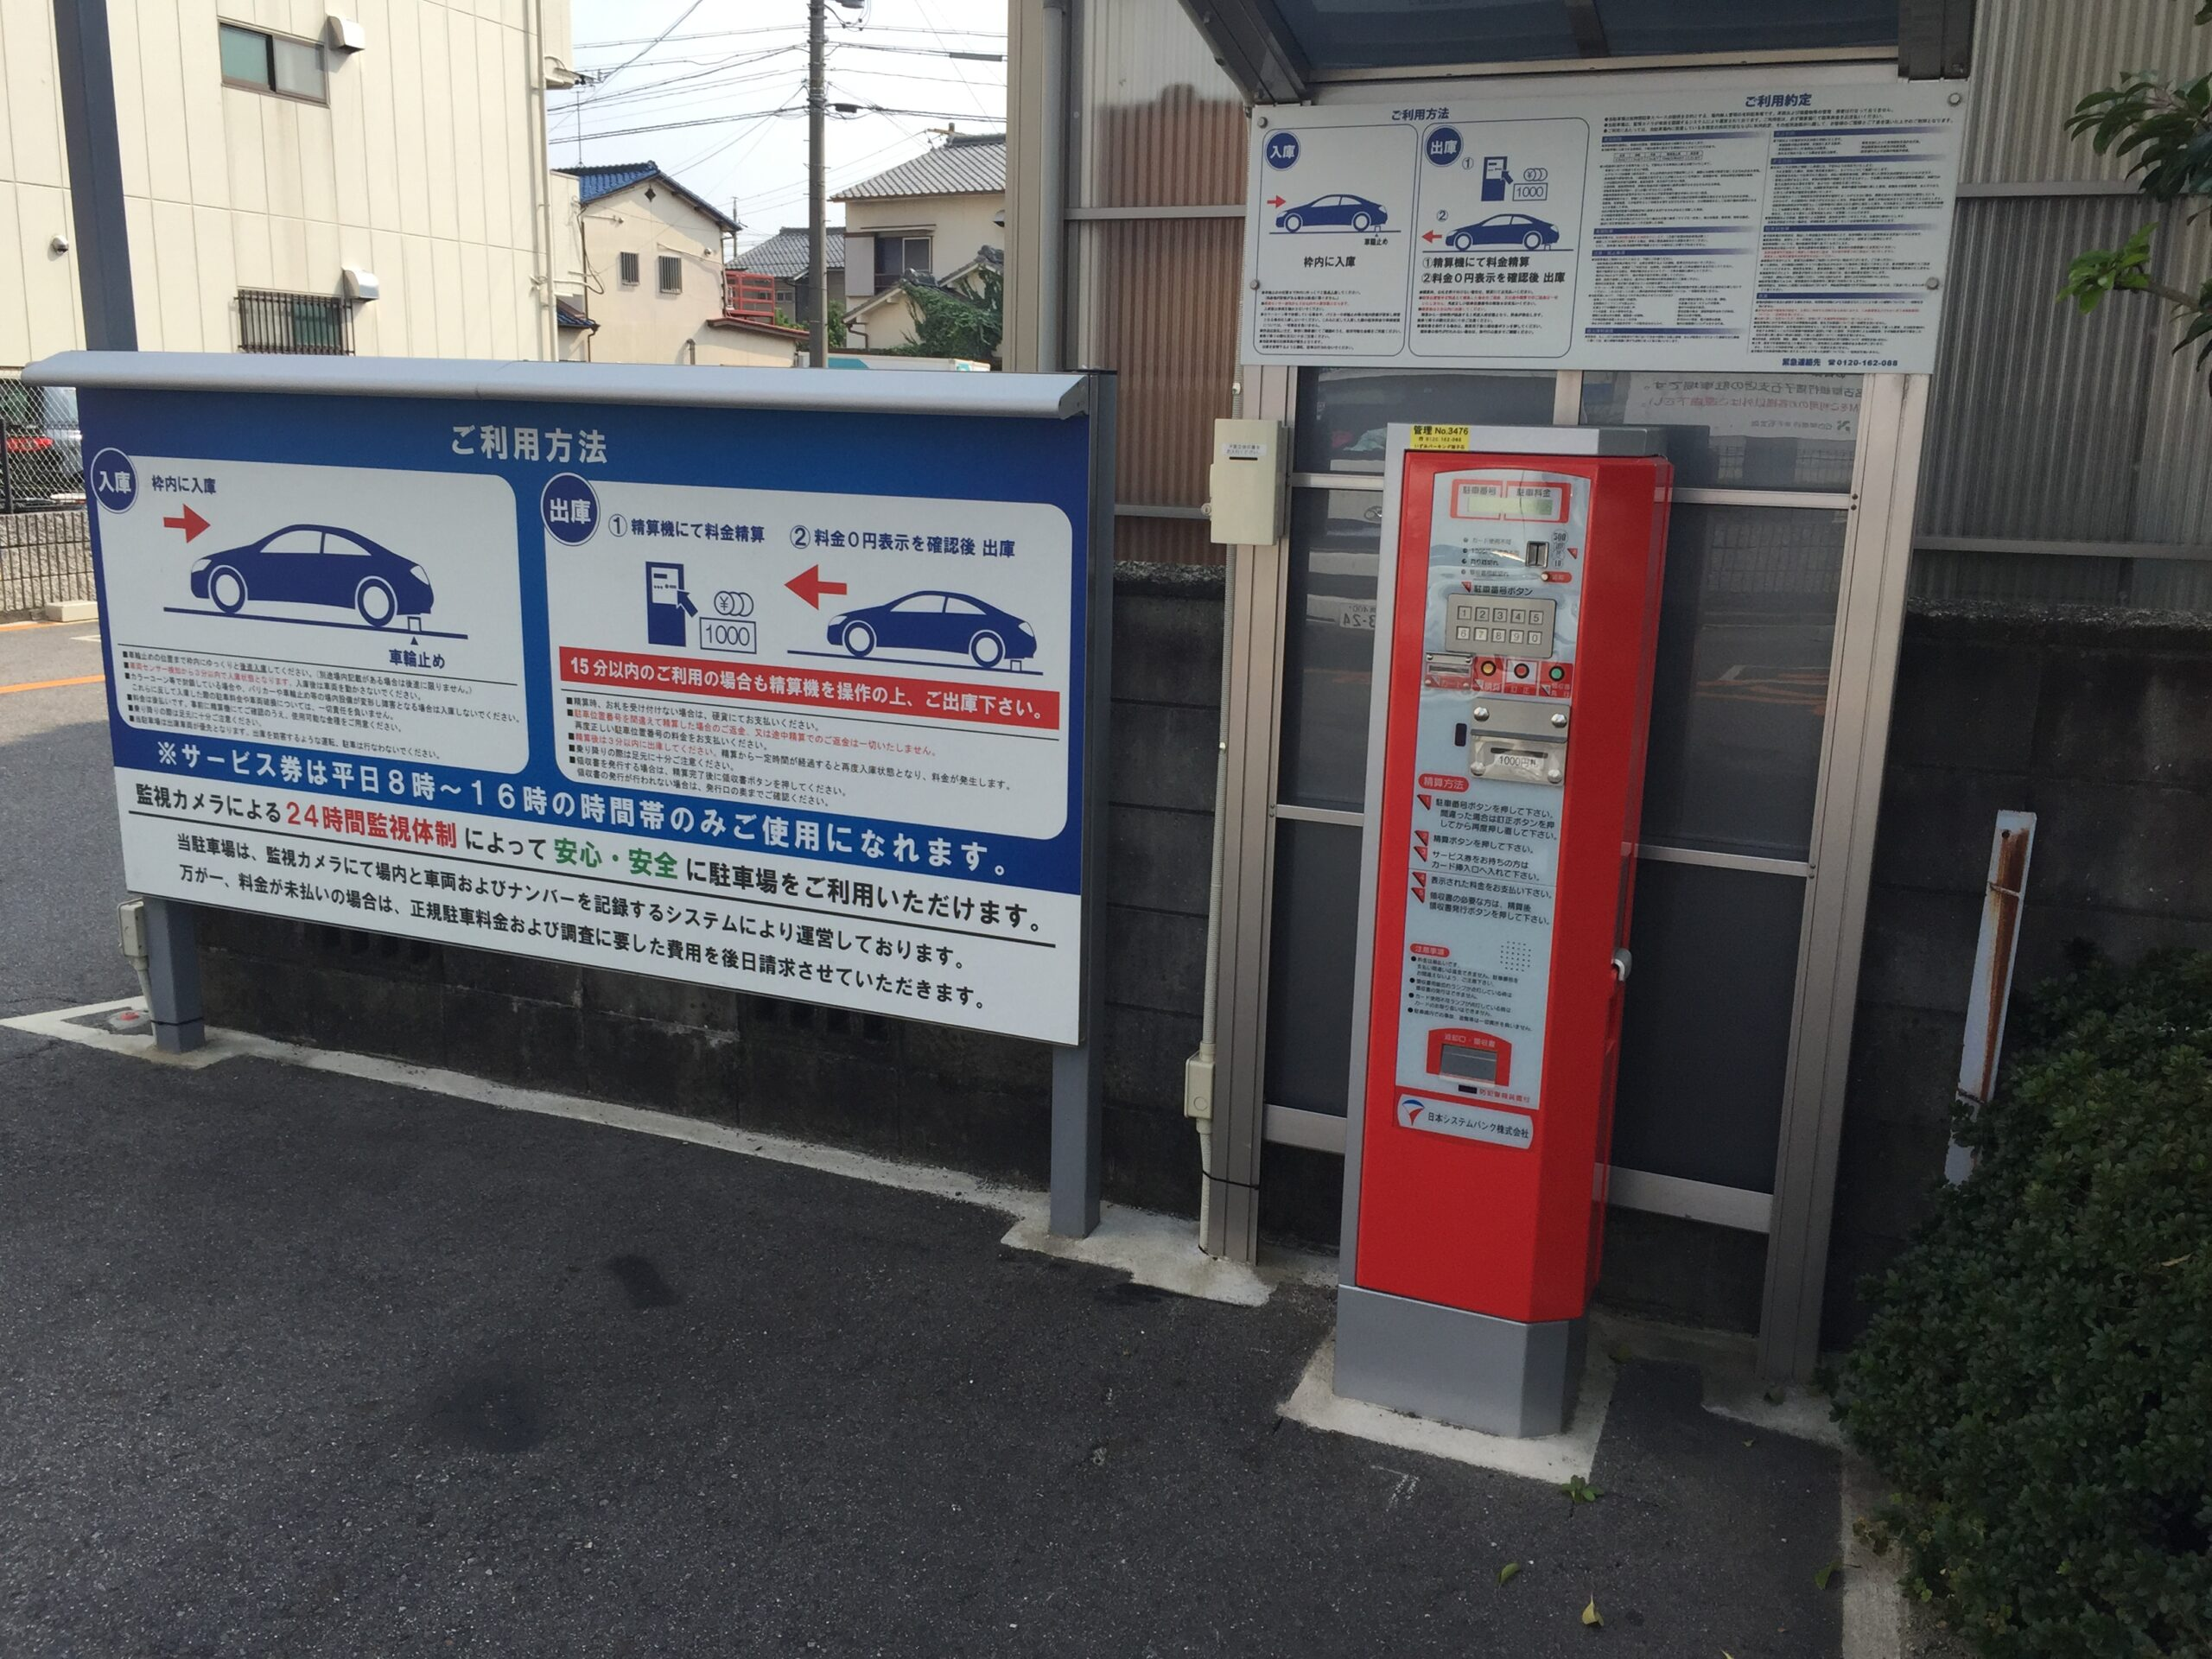 名古屋銀行 猪子石支店駐車場